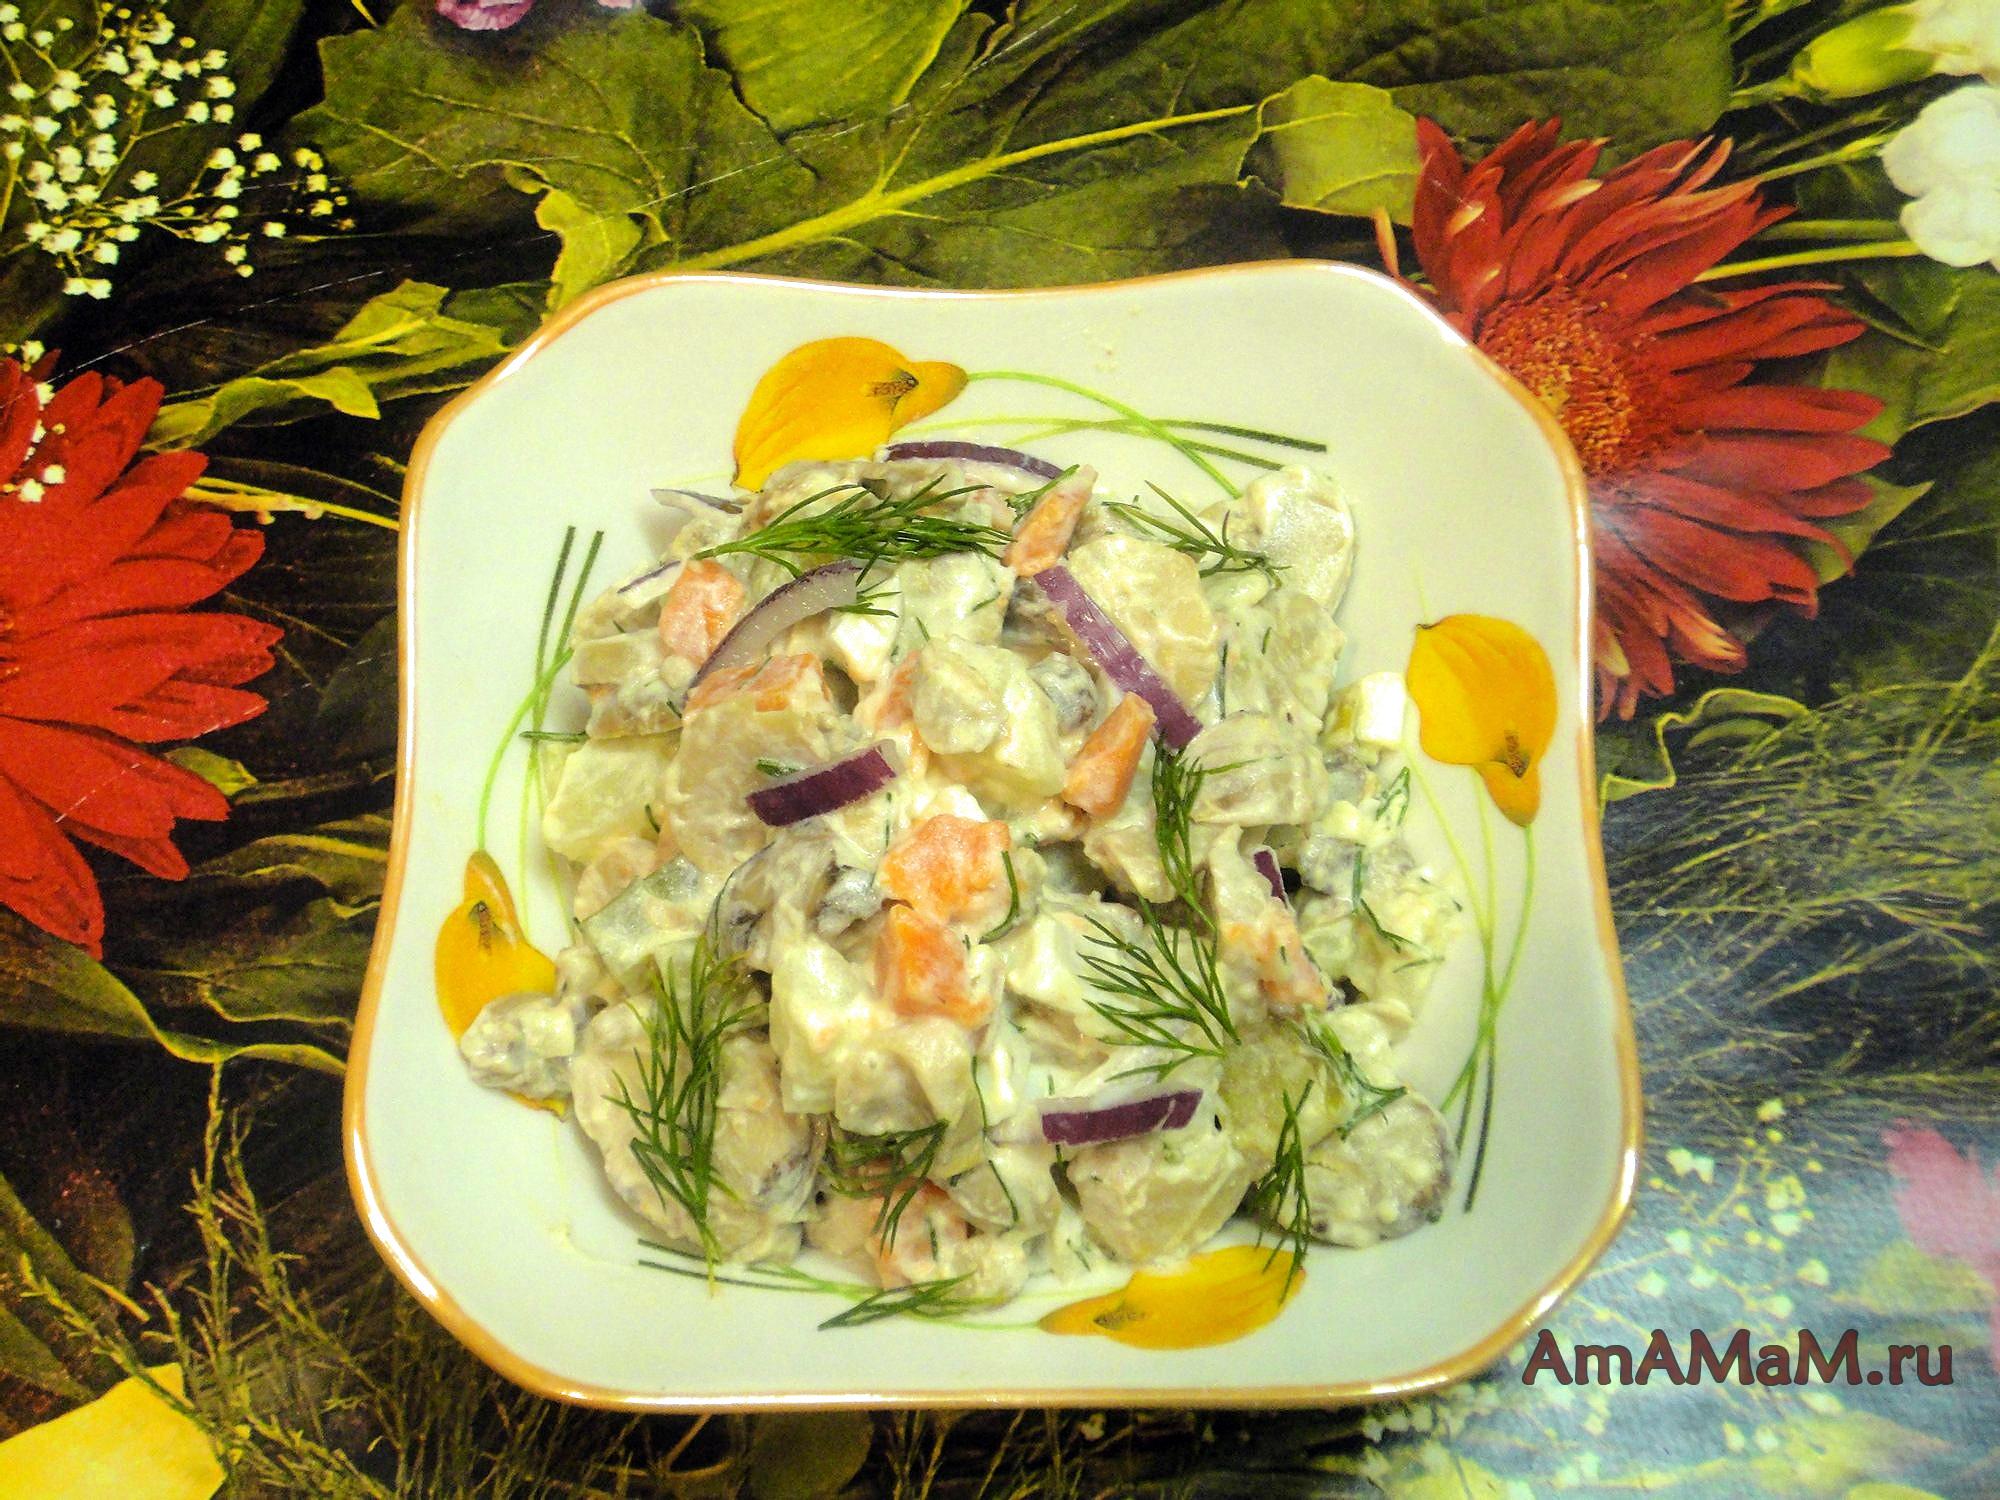 Фото рецепты салата с маринованными шампиньоны